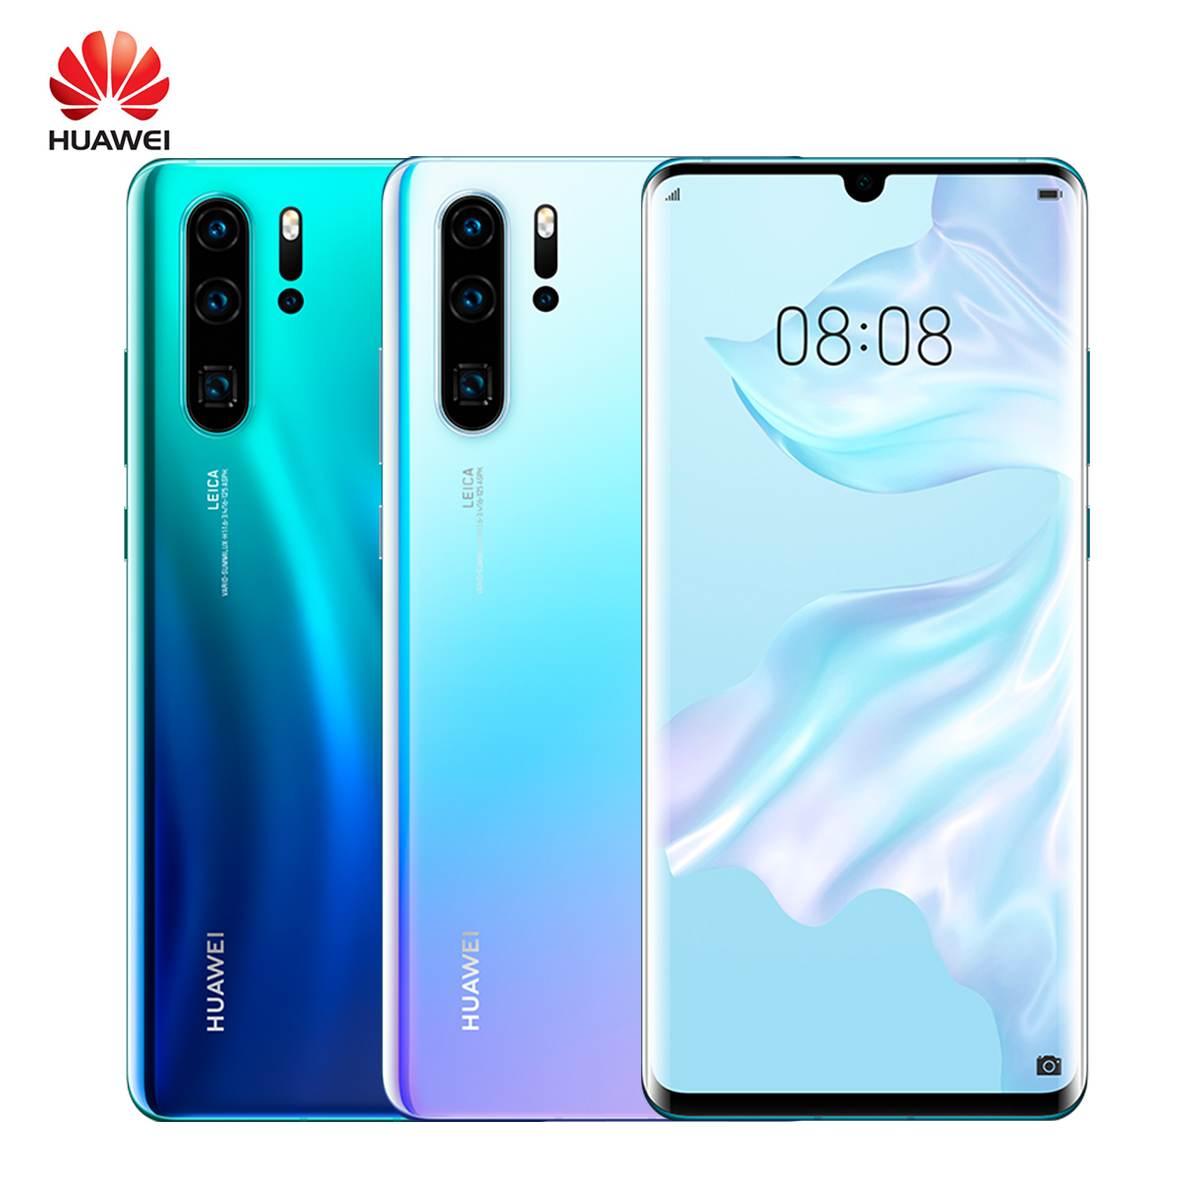 Huawei P30 Pro 8 + 256GB Del Telefono Mobile 6.47 ''Completo di Schermo OLED Kirin 980 Smartphone NFC GPS Android 9.1 5 Telecamere 40MP + 32MP